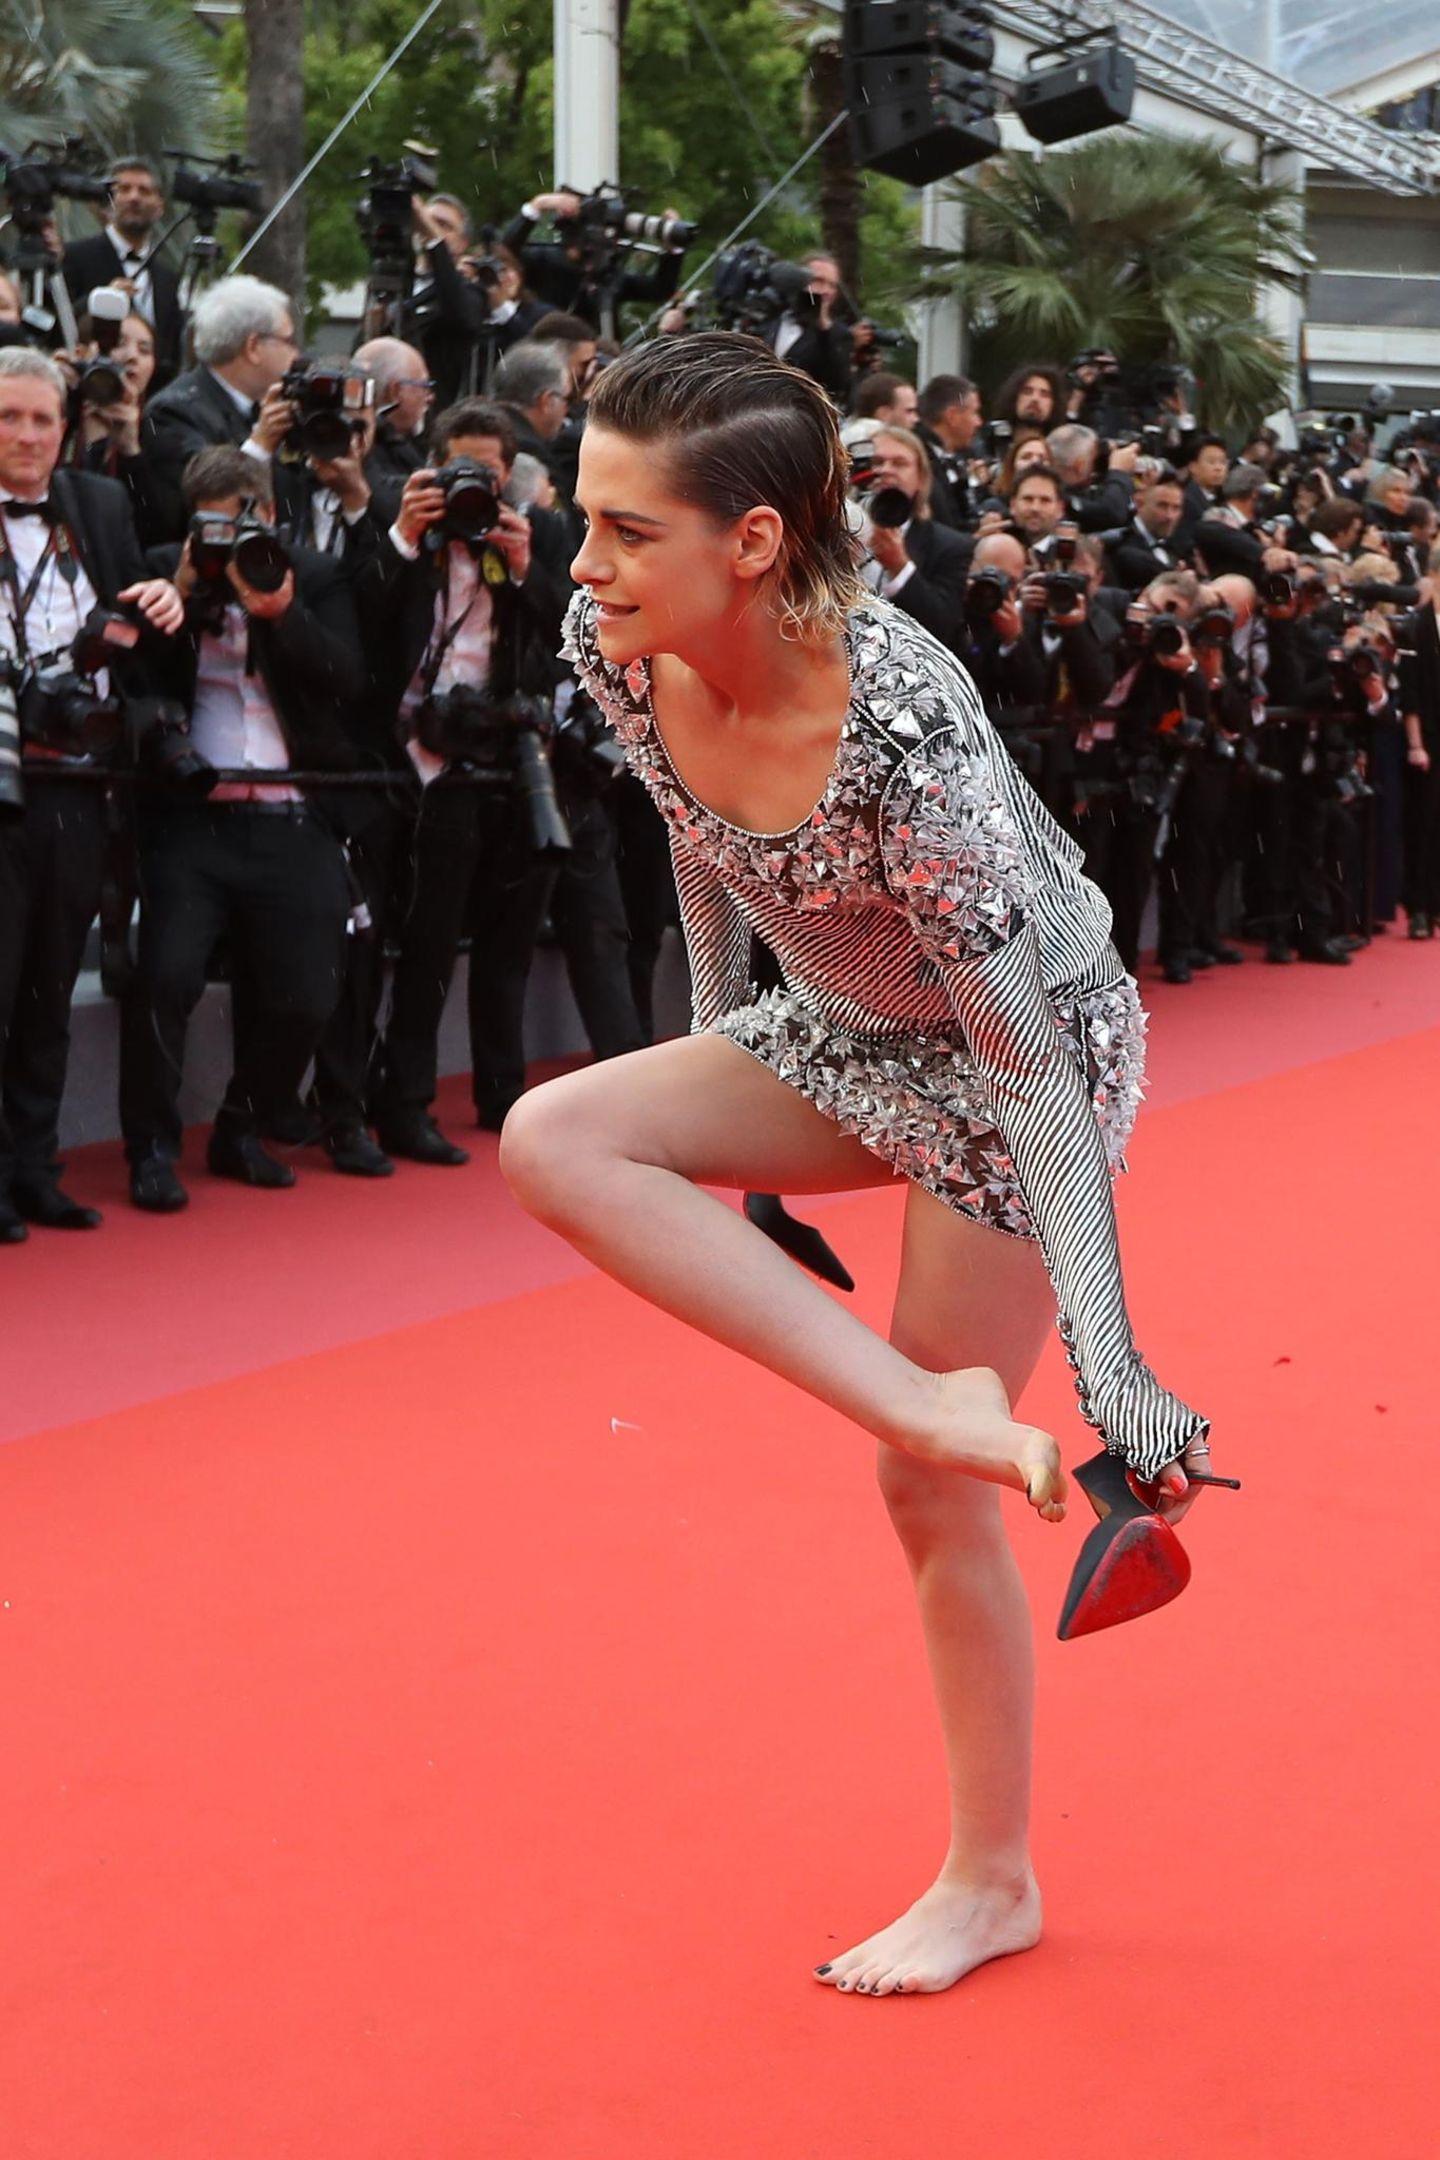 """Schauspielerin Kristen Stewart gehört zur Jury des diesjährigen Filmfestivals in Cannes. Nach zahlreichen Auftritten in Designerkleidern und High Heels hatte die 28-Jährige bei der Premiere des Films """"BlacKkKlansman"""" offenbar die Nase voll von dem unbequemen Schuhwerk. Stewart zog kurzerhand ihre Stilettos aus und spazierte barfuß die Stufen zum Festivalpalast empor. Immerhin, ihr Chanel-Kleid schien da deutlich bequemer."""